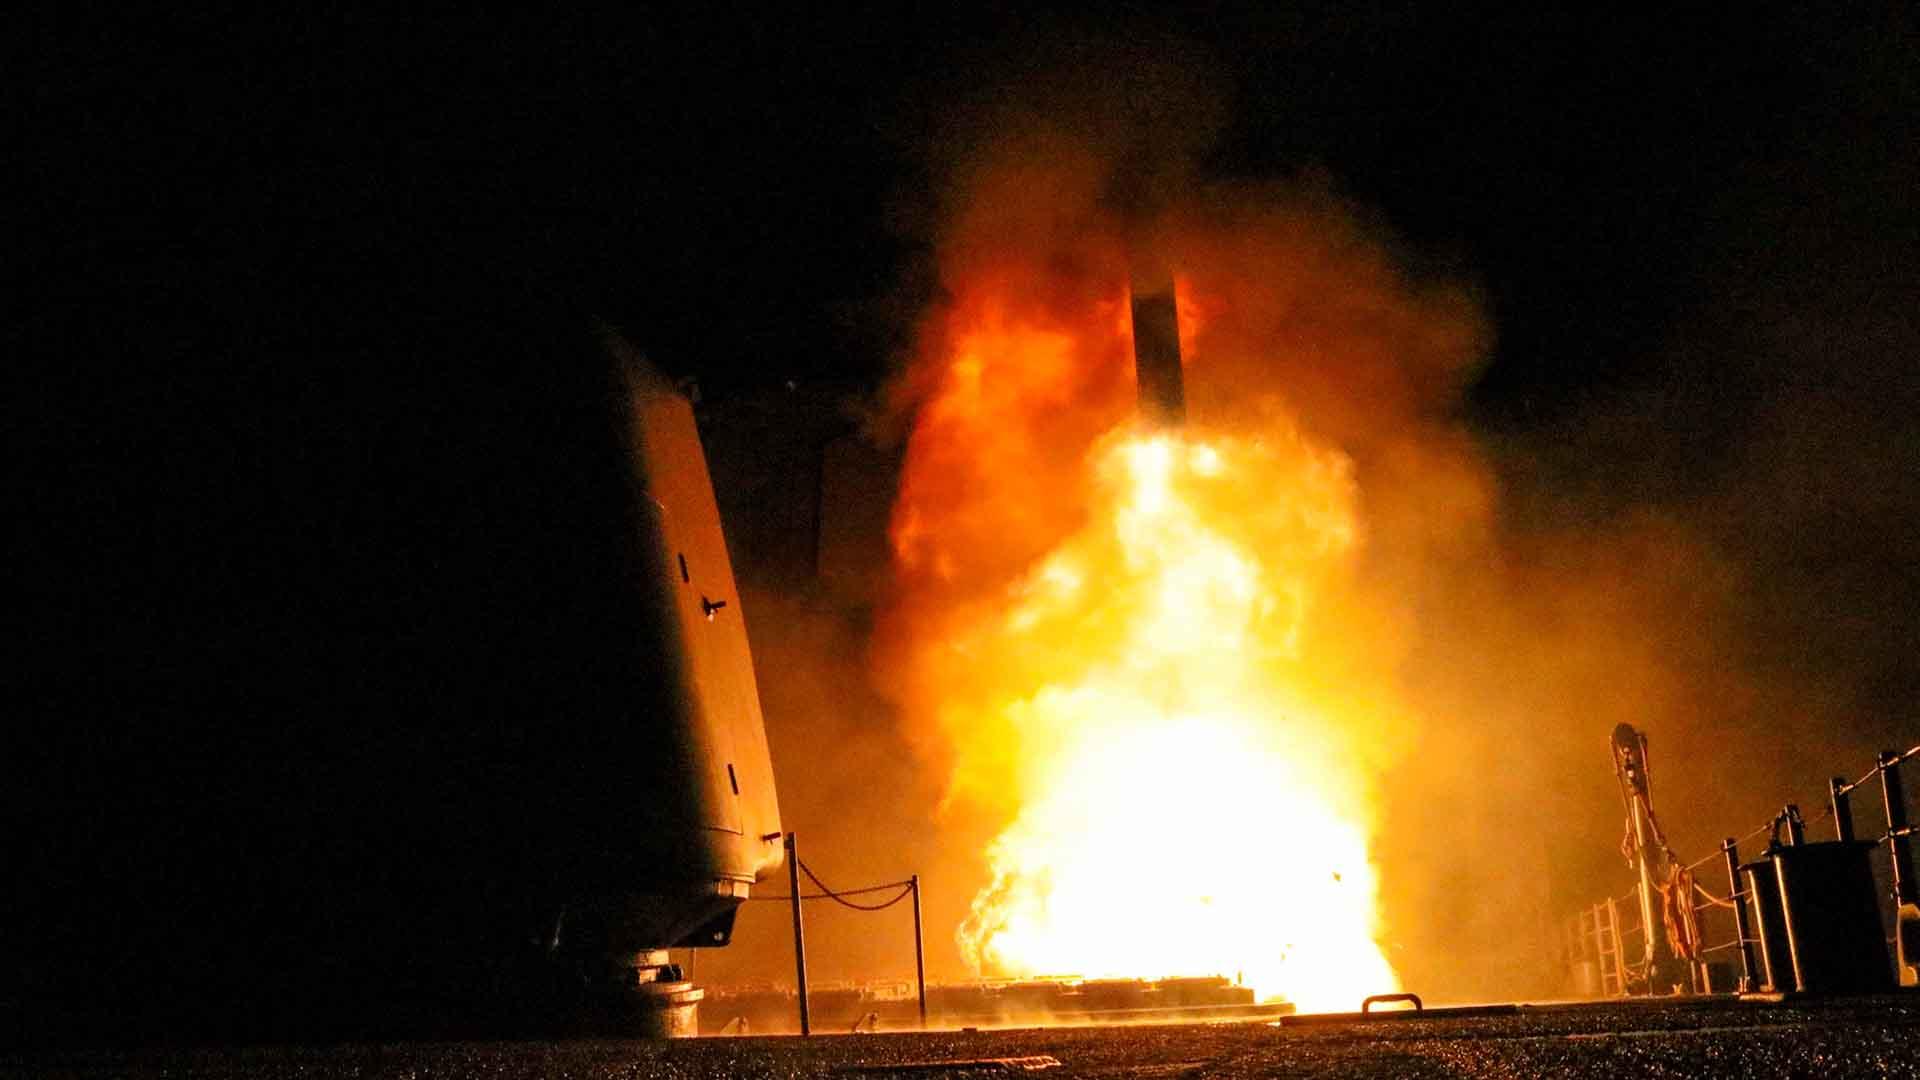 EEUU publicó imágenes del ataque a Siria (REUTERS)